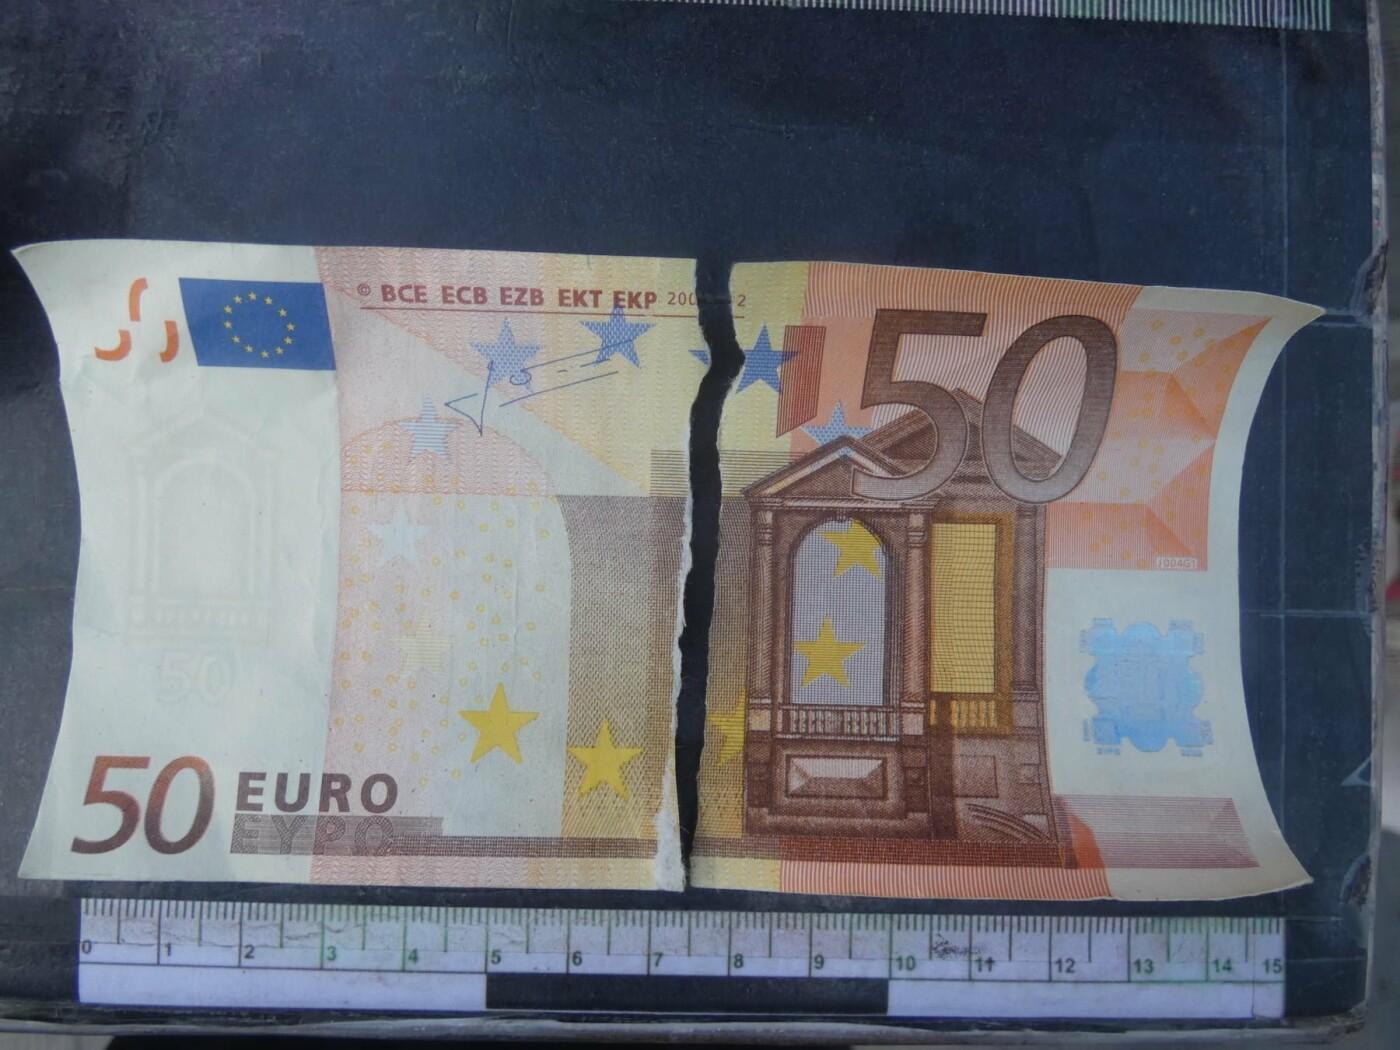 Северодонецкая пенсионерка пыталась обменять поддельные 50 евро, работник обменника не растерялся, фото-1